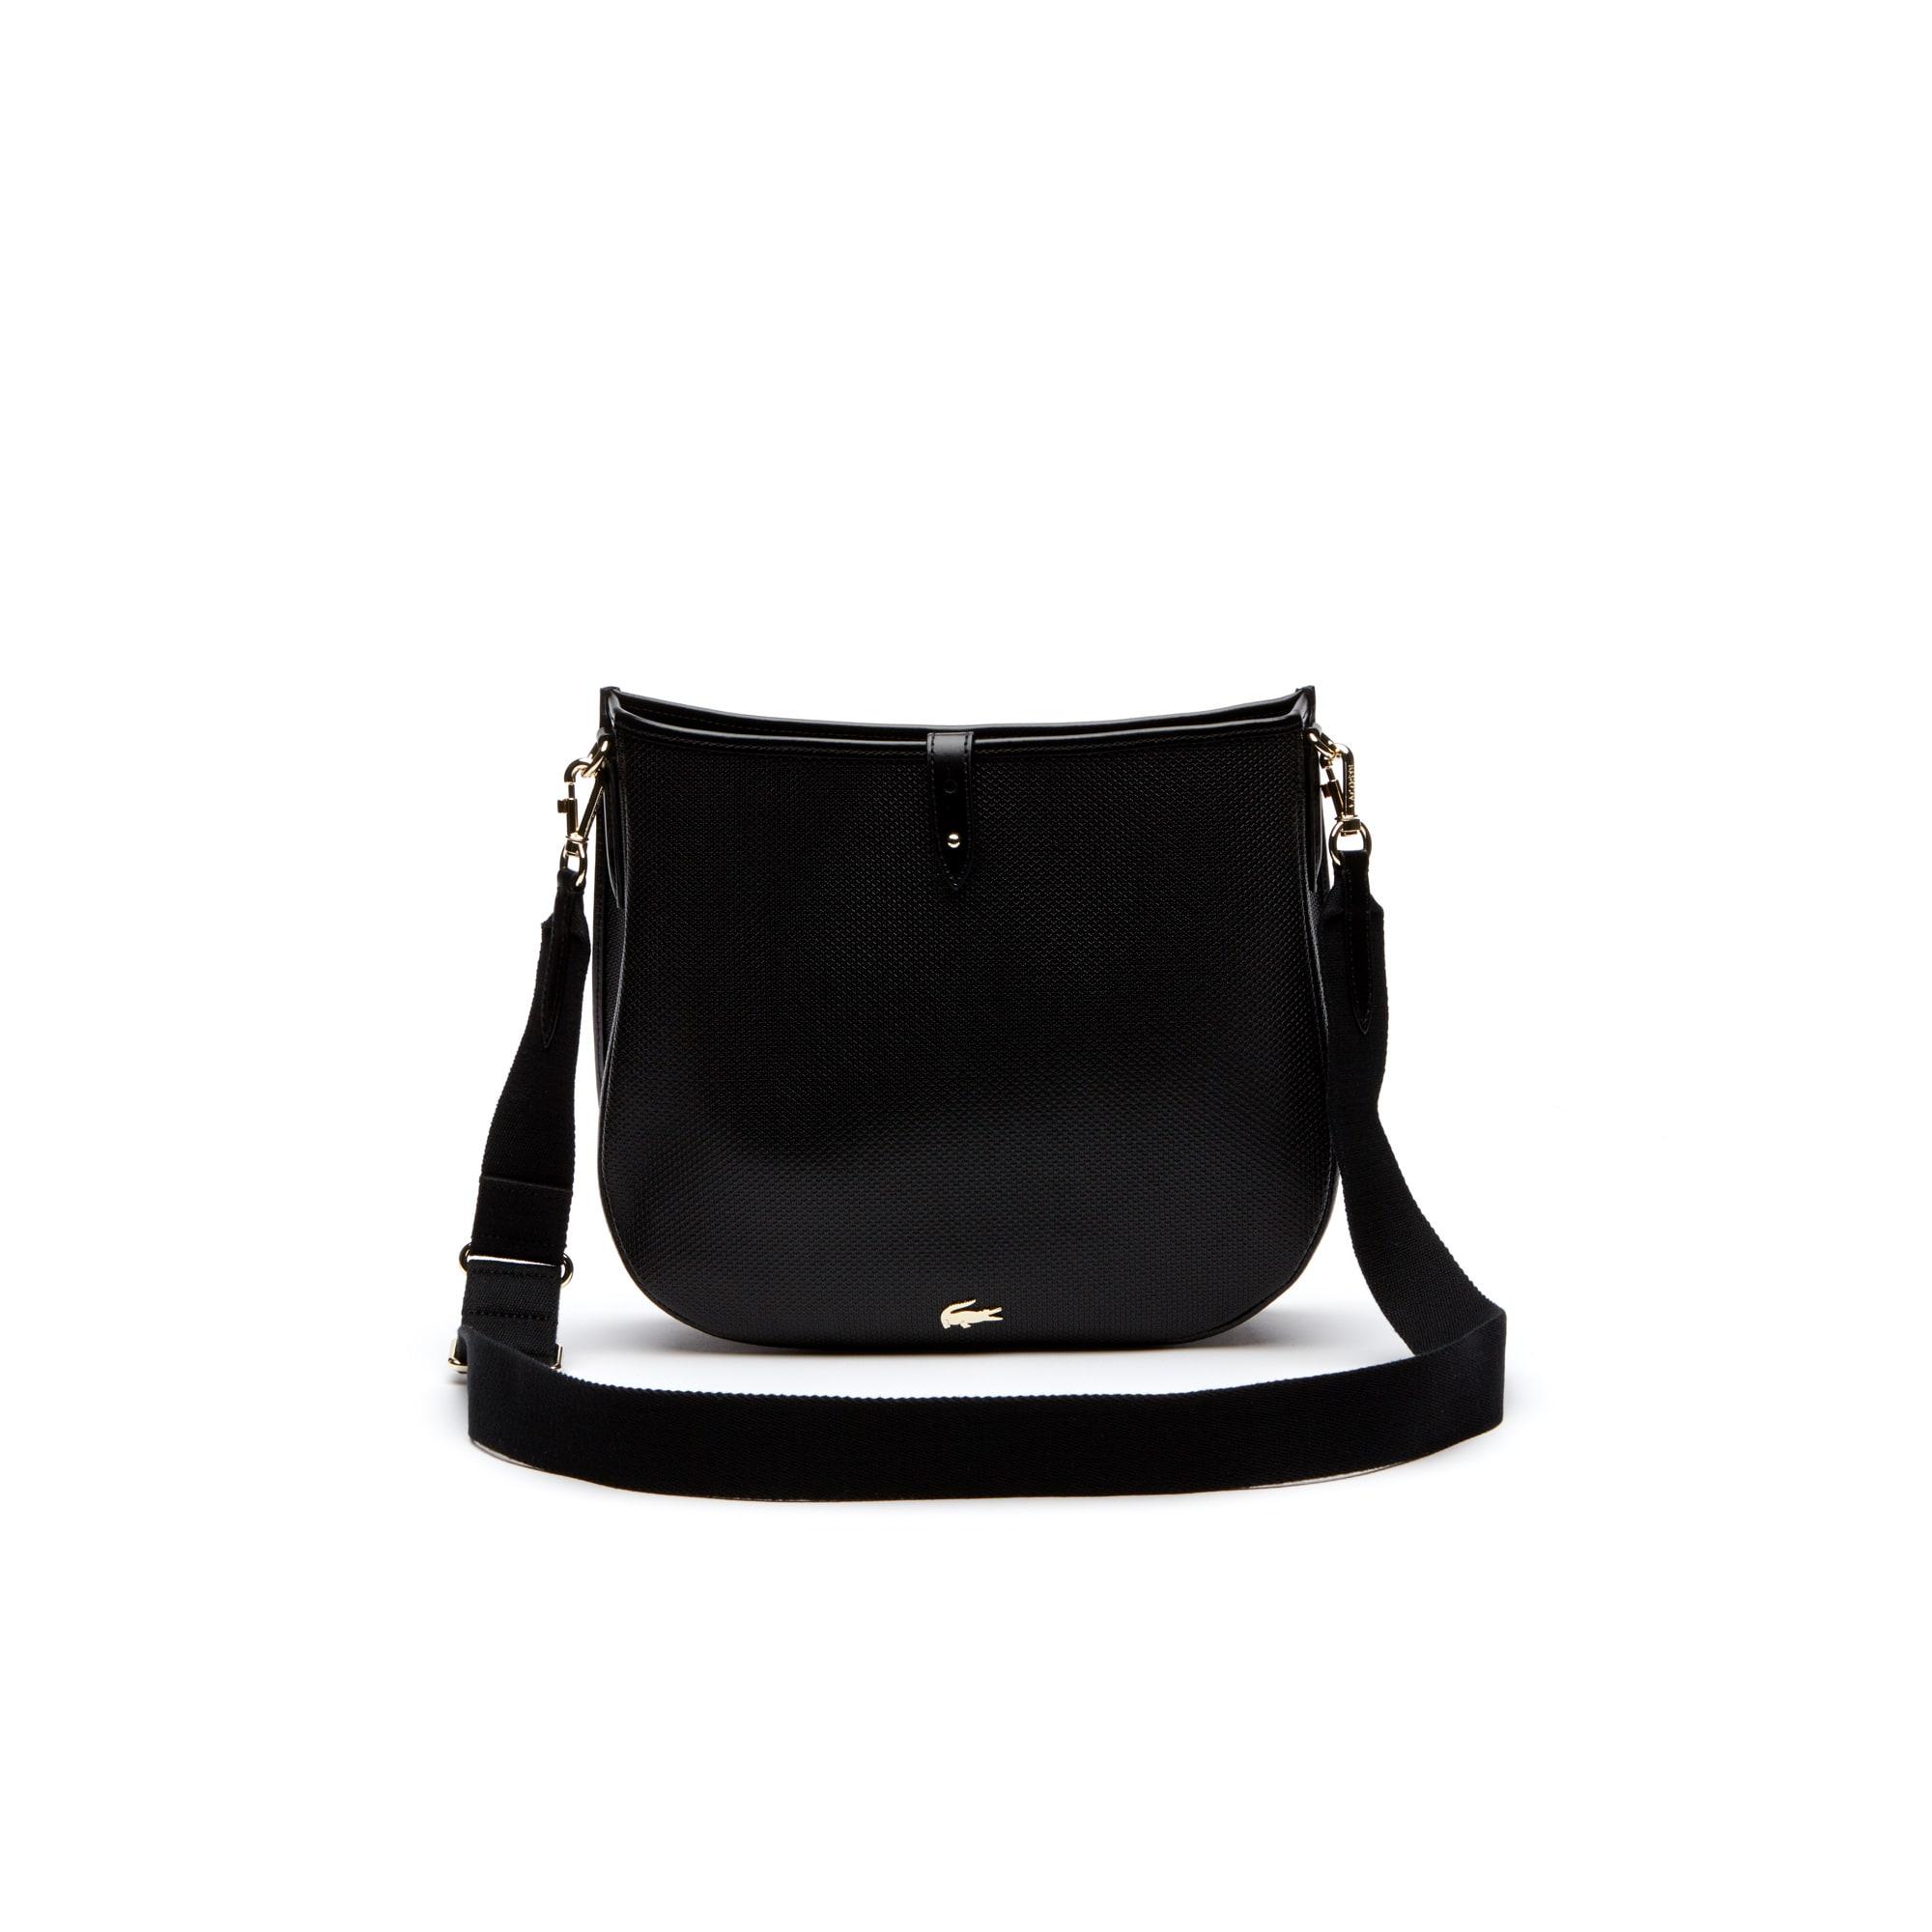 Damen-Hobo-Bag CHANTACO aus Piqué-Leder